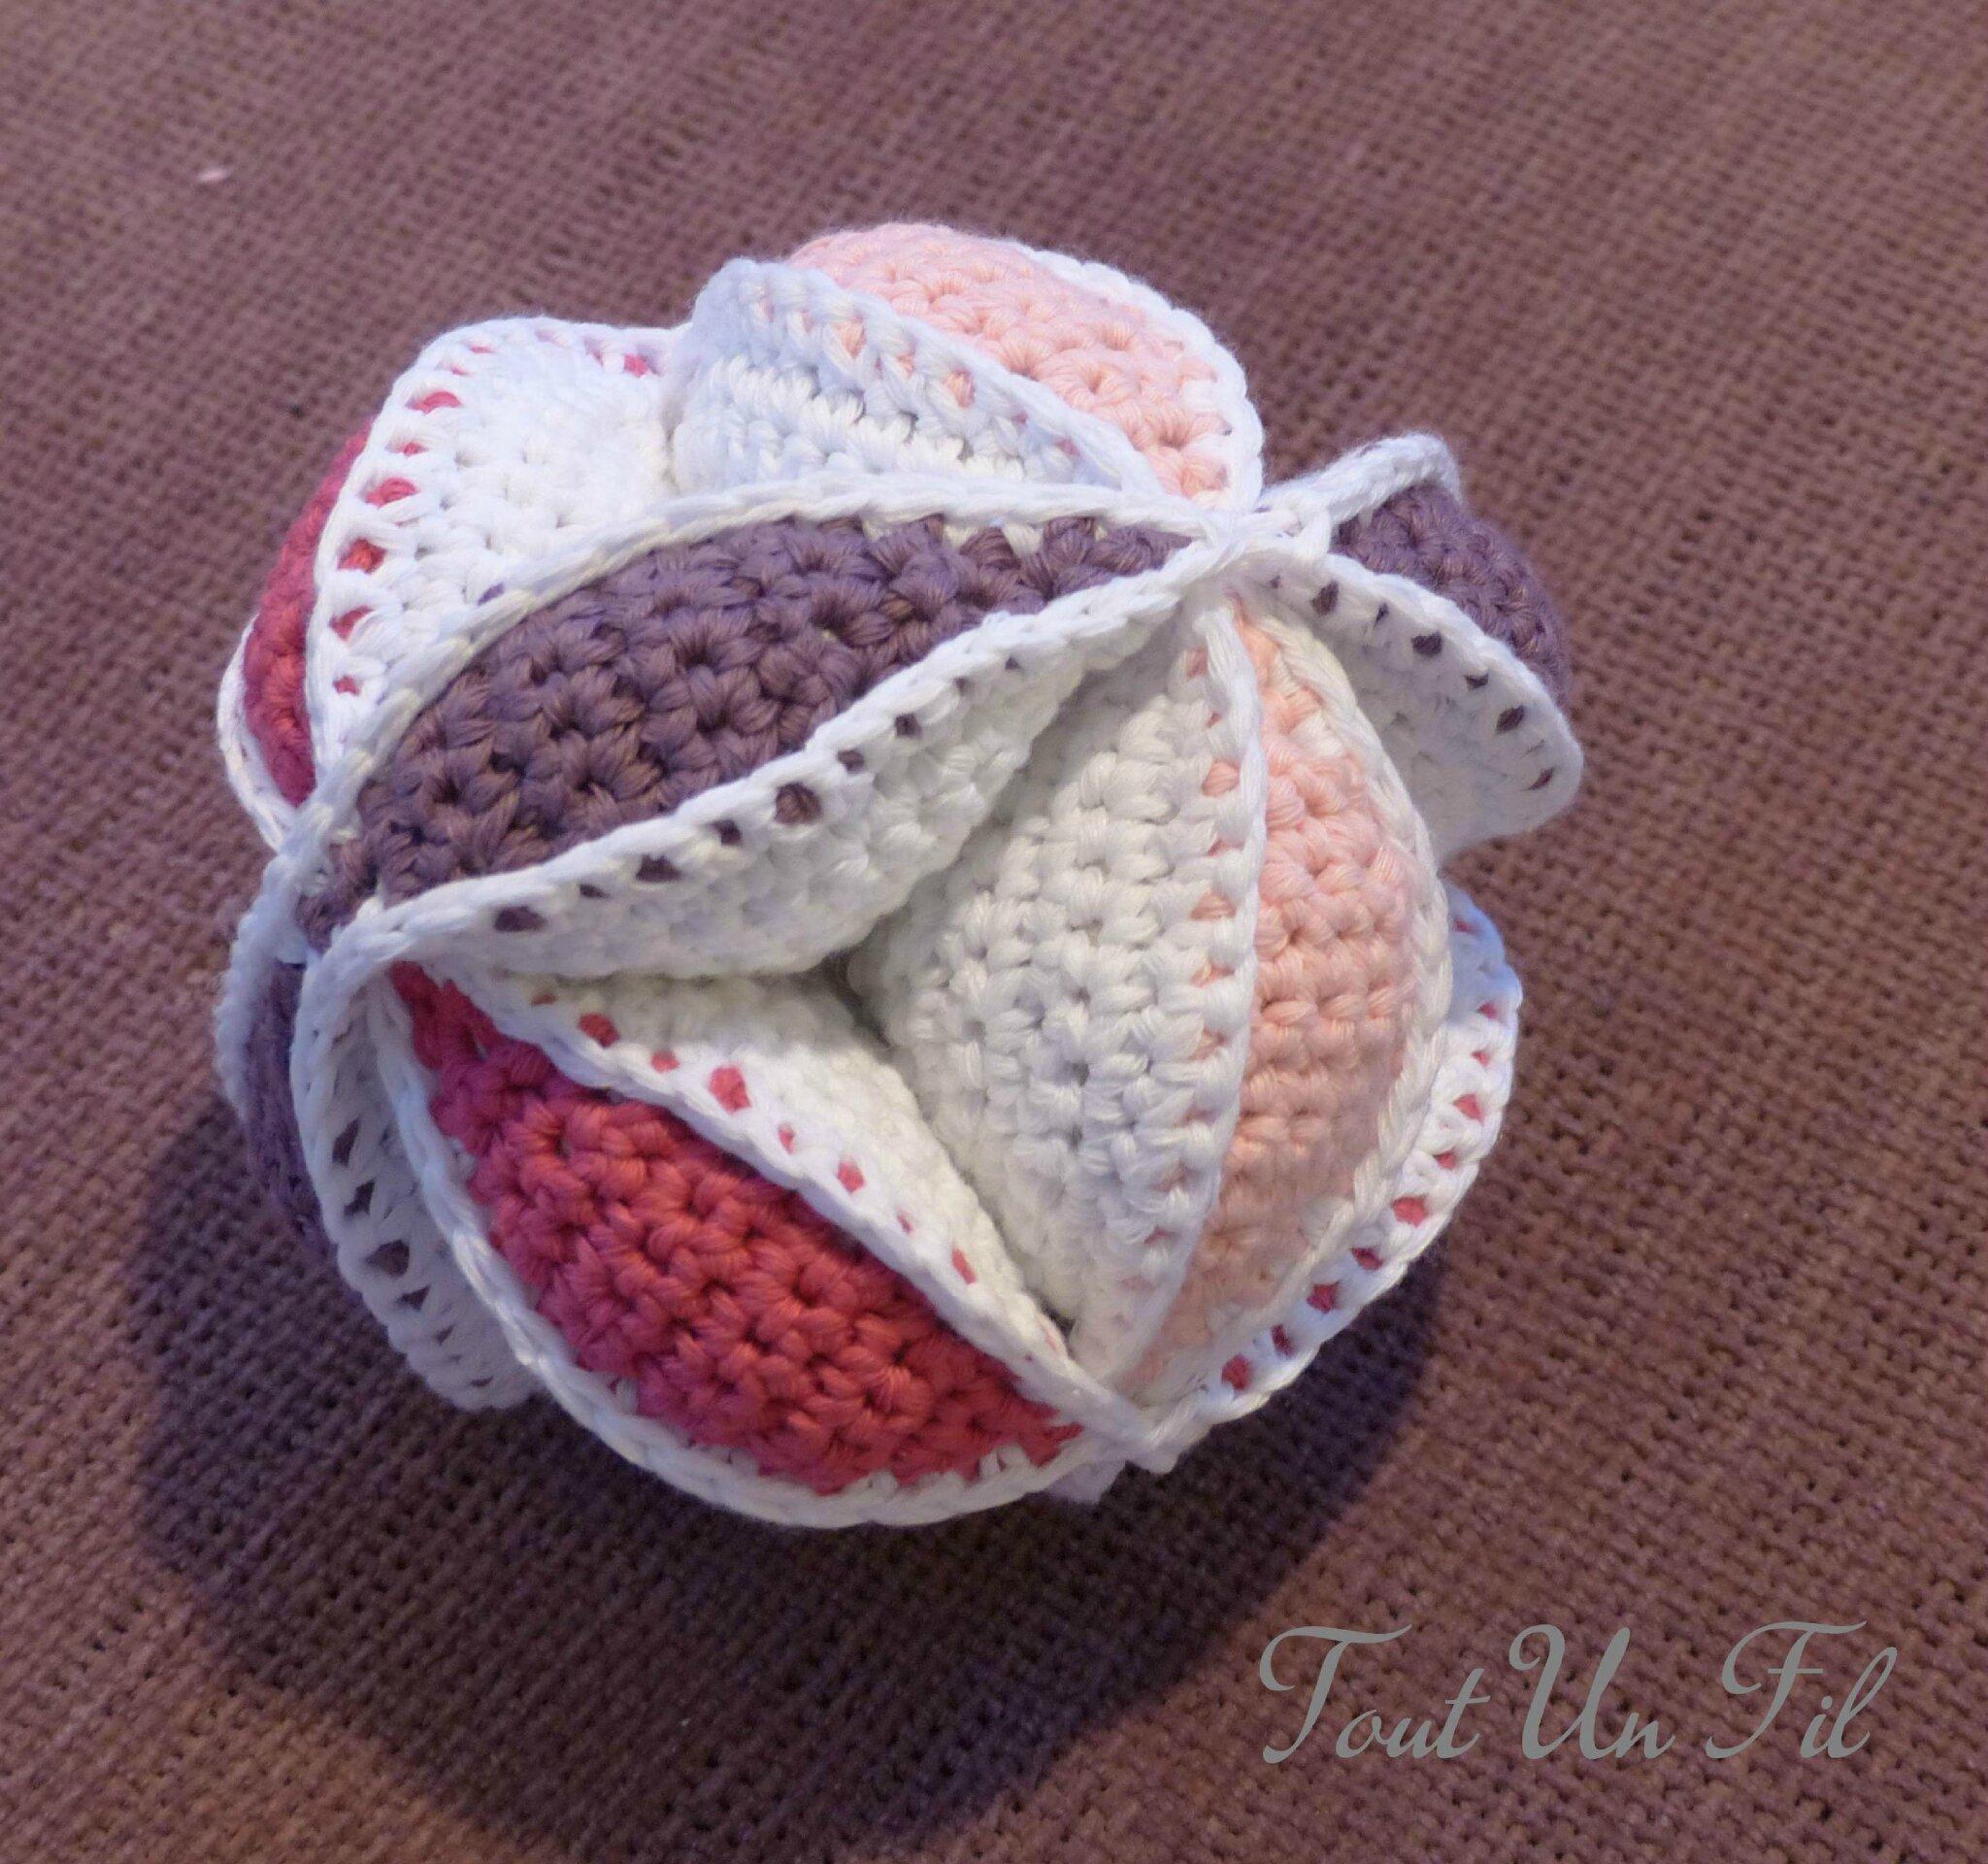 Puzzle ball Montessori Tout Un Fil